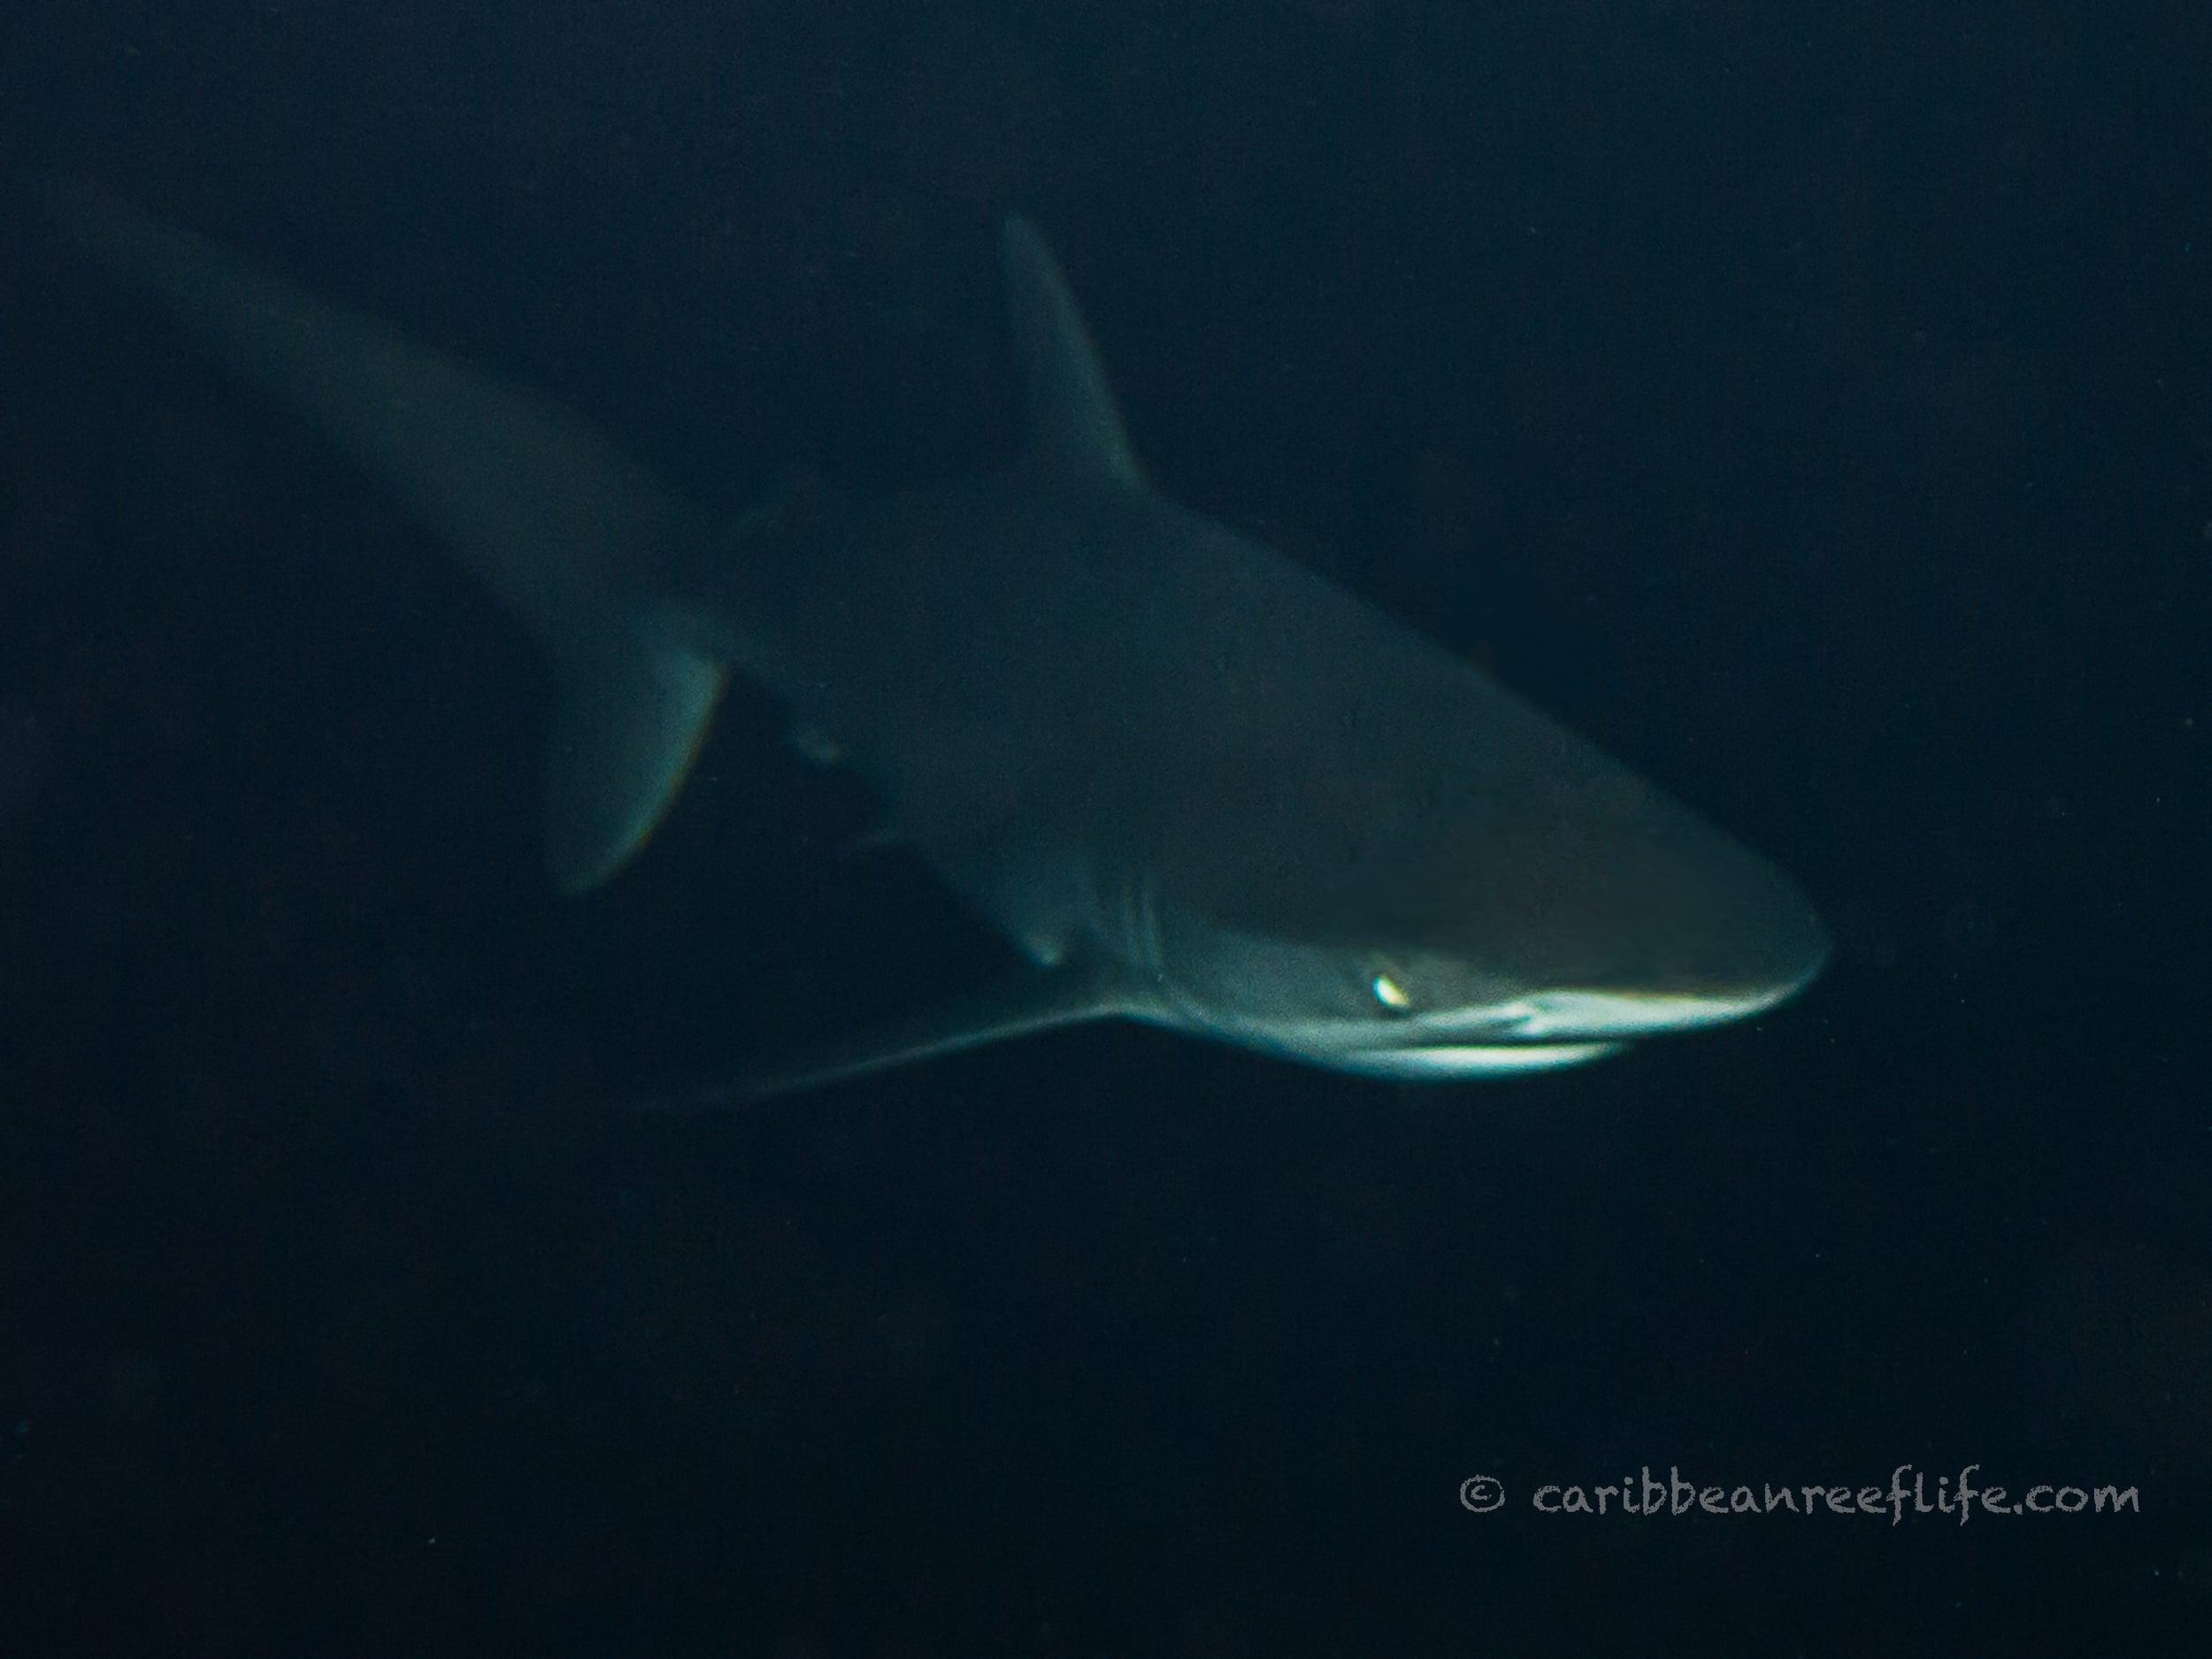 Photo - Mickey Charteris - Silky shark